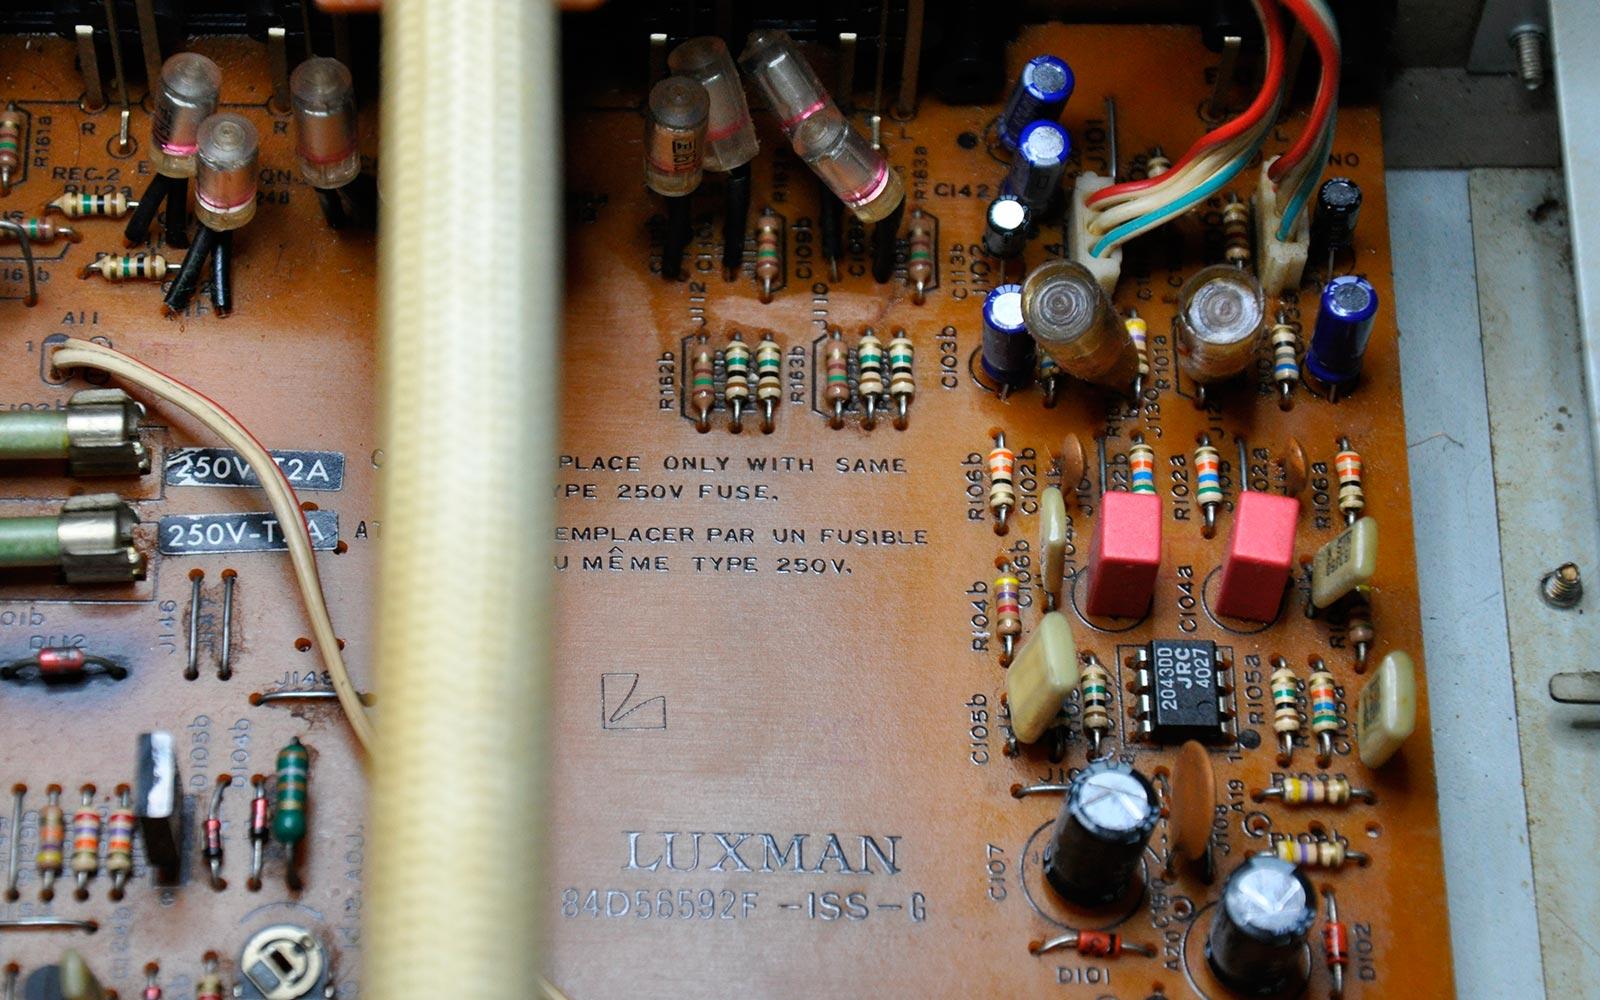 Luxman L-230